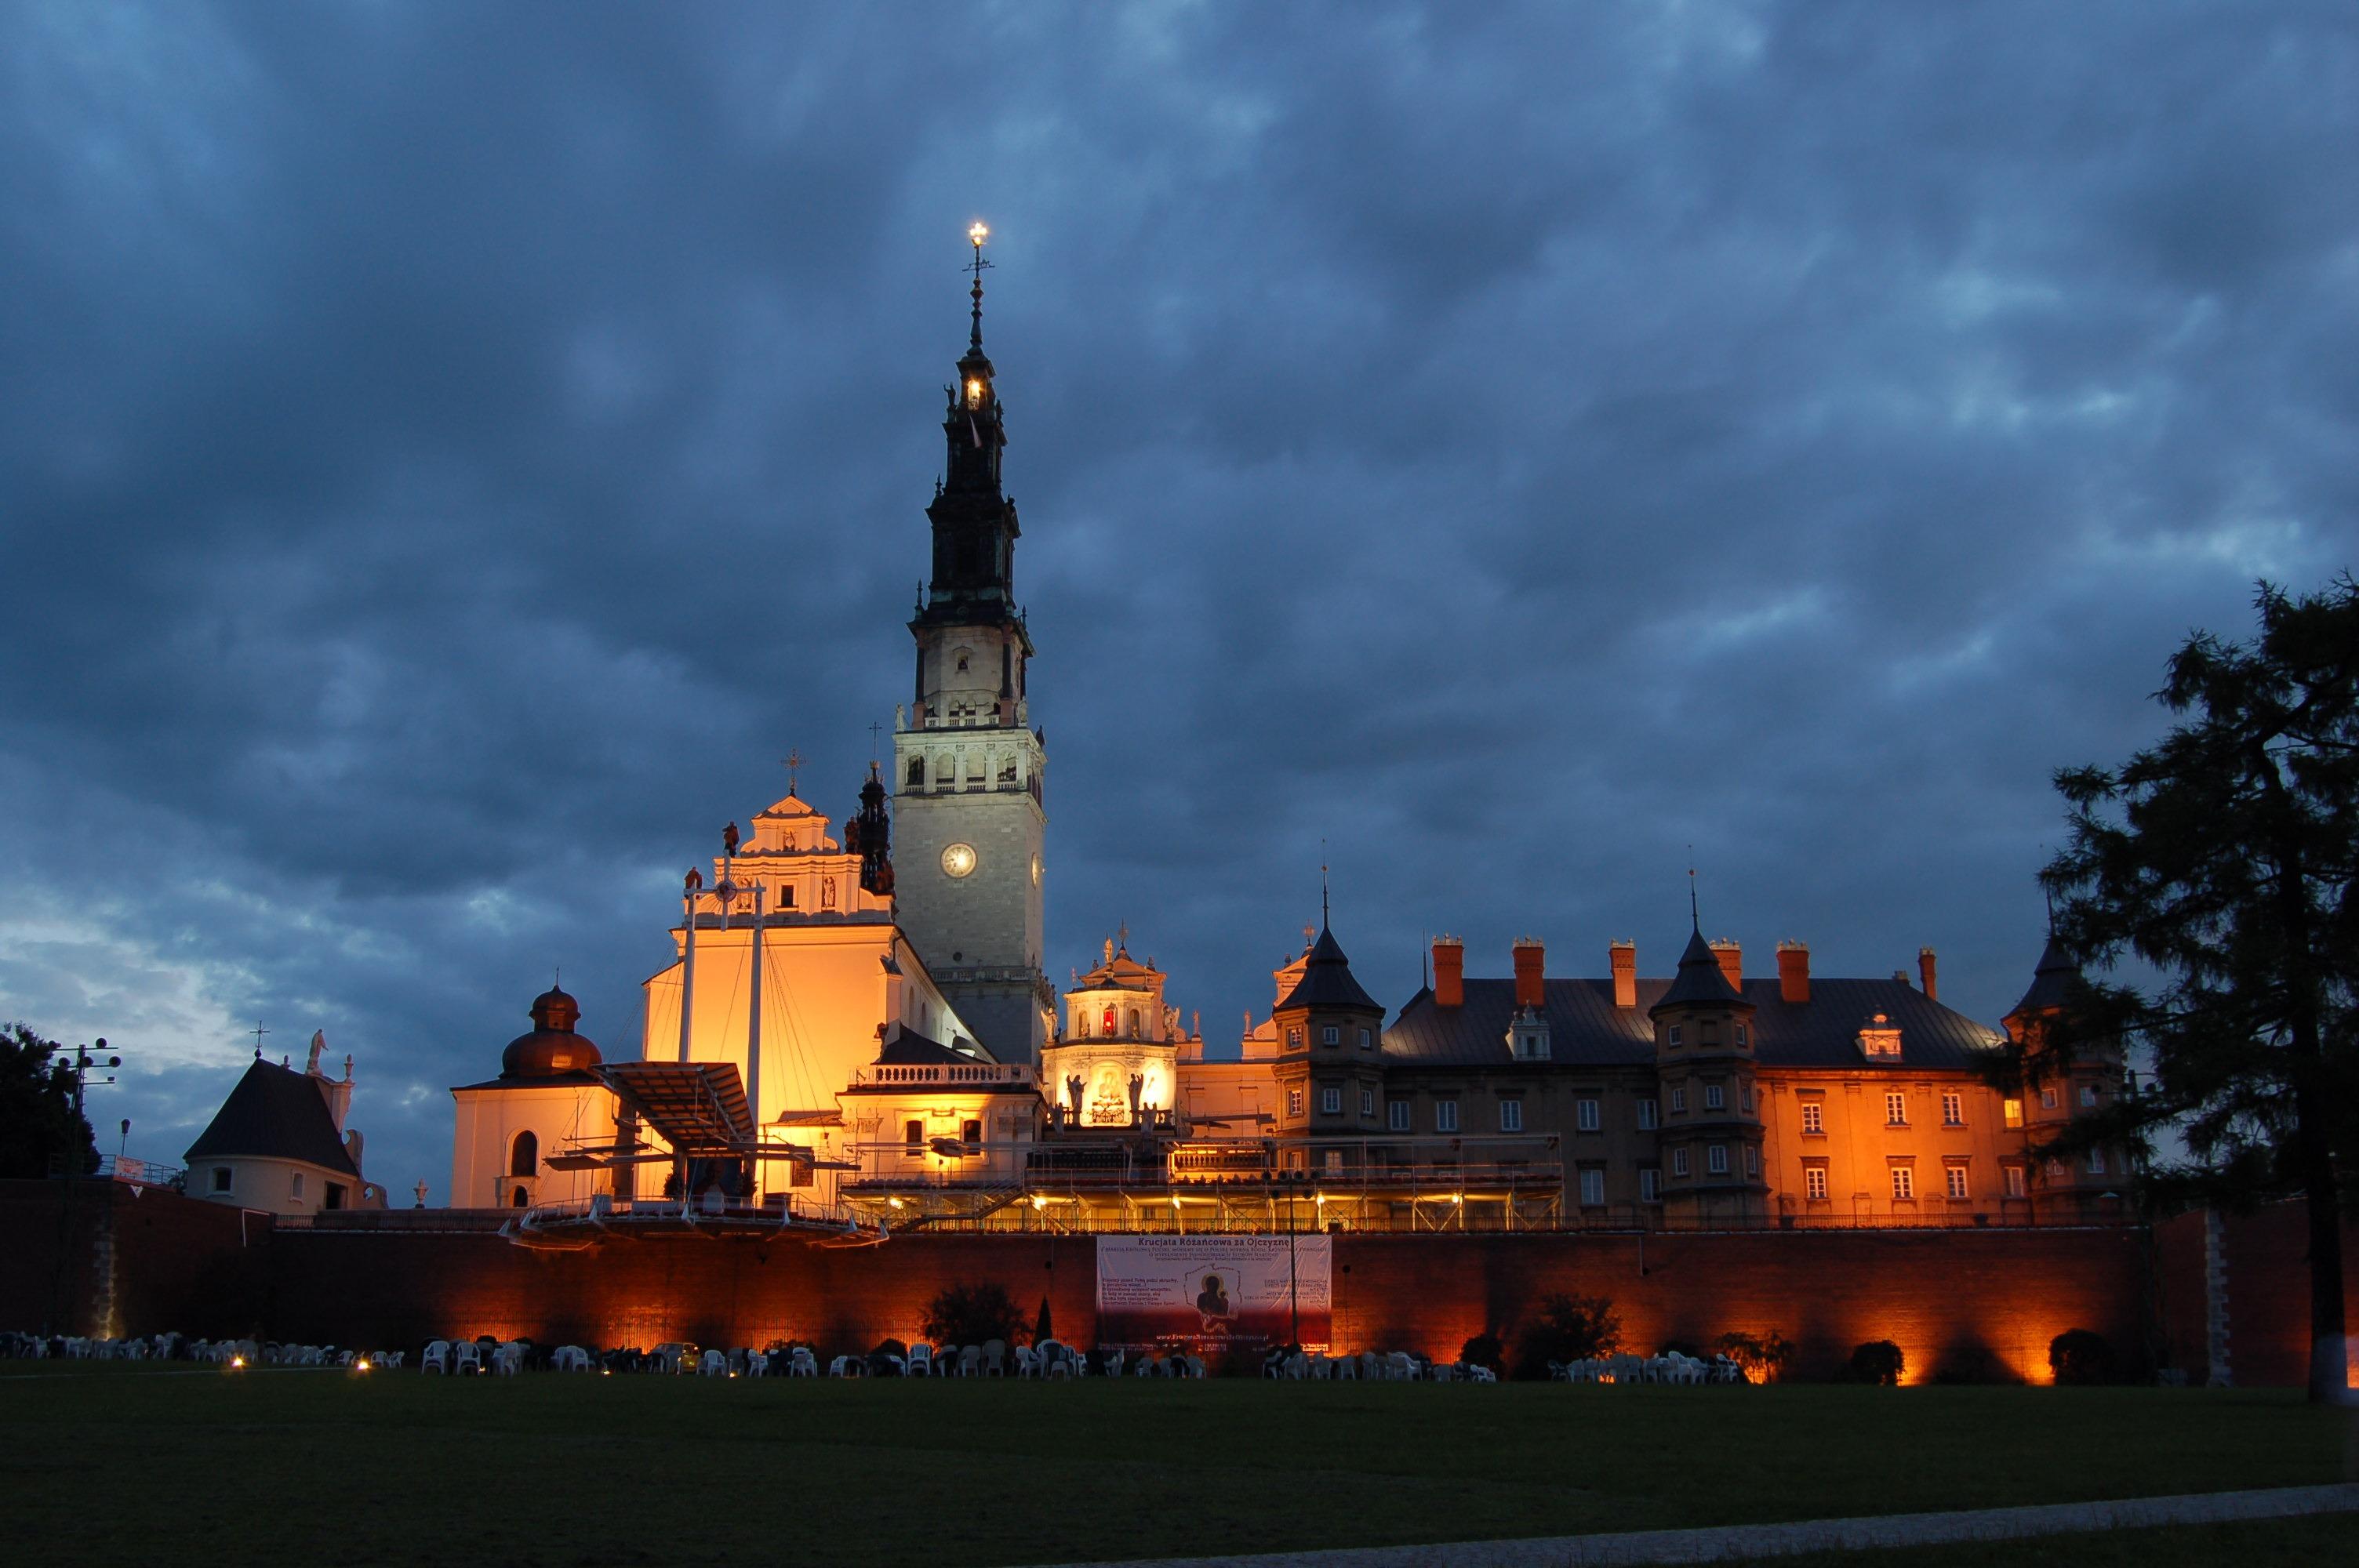 Rinh học bổng từ đại học hàng đầu tại Ba Lan – Đại học Công nghệ Czestochowa – Częstochowa University of Technology